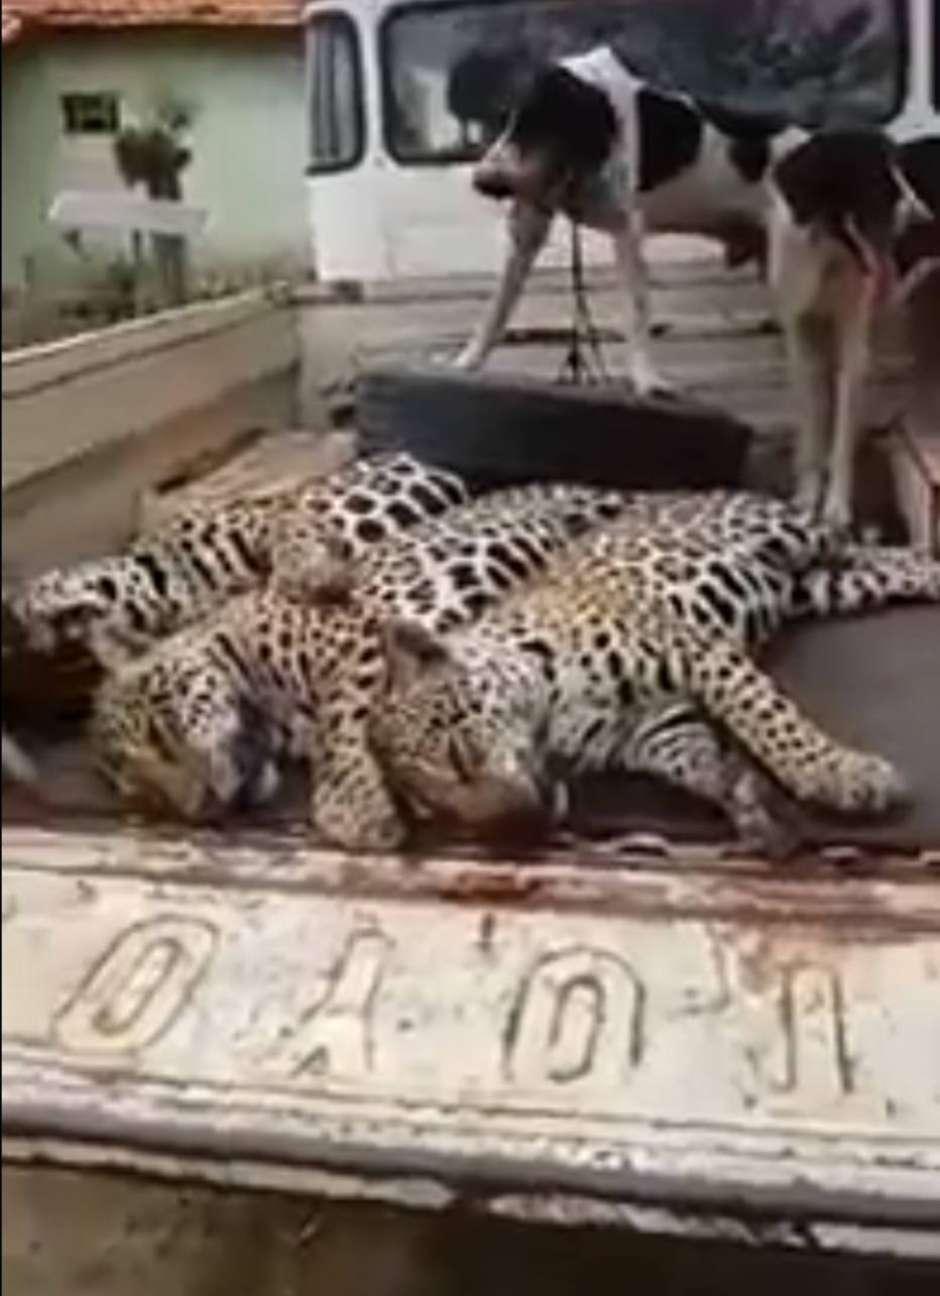 Mulher responsável pela filmagem parabeniza o suspeito por morte dos animais Foto: Reprodução / Estadão